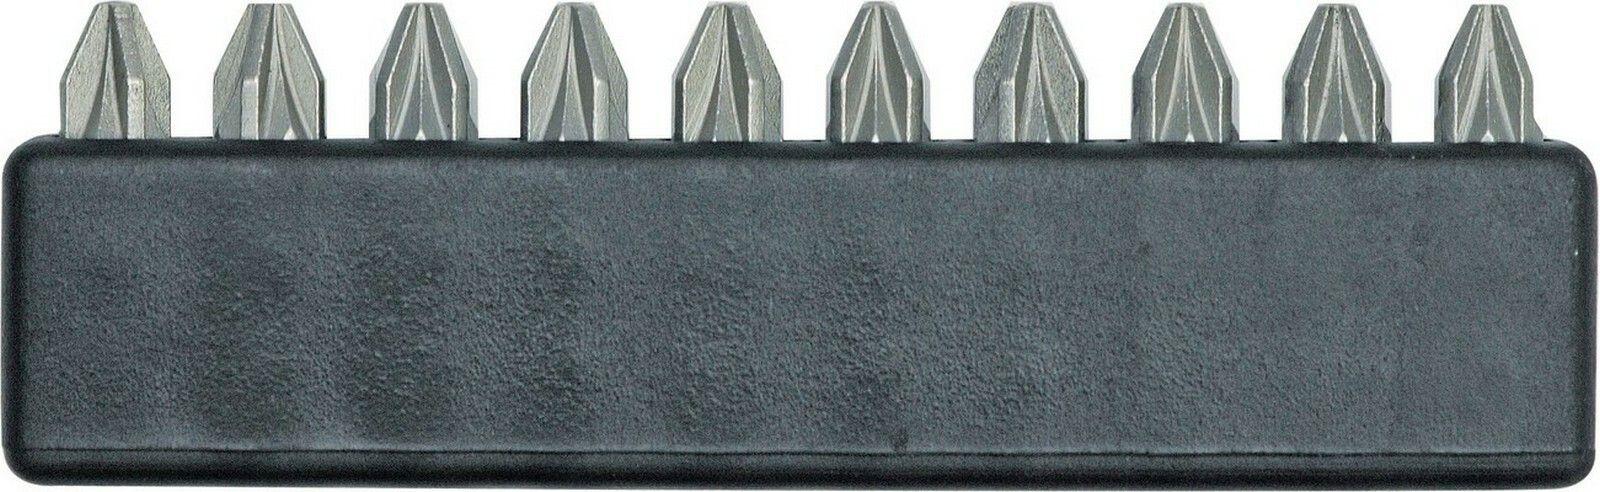 Sada bitů PZ2 x 25 mm 10 ks